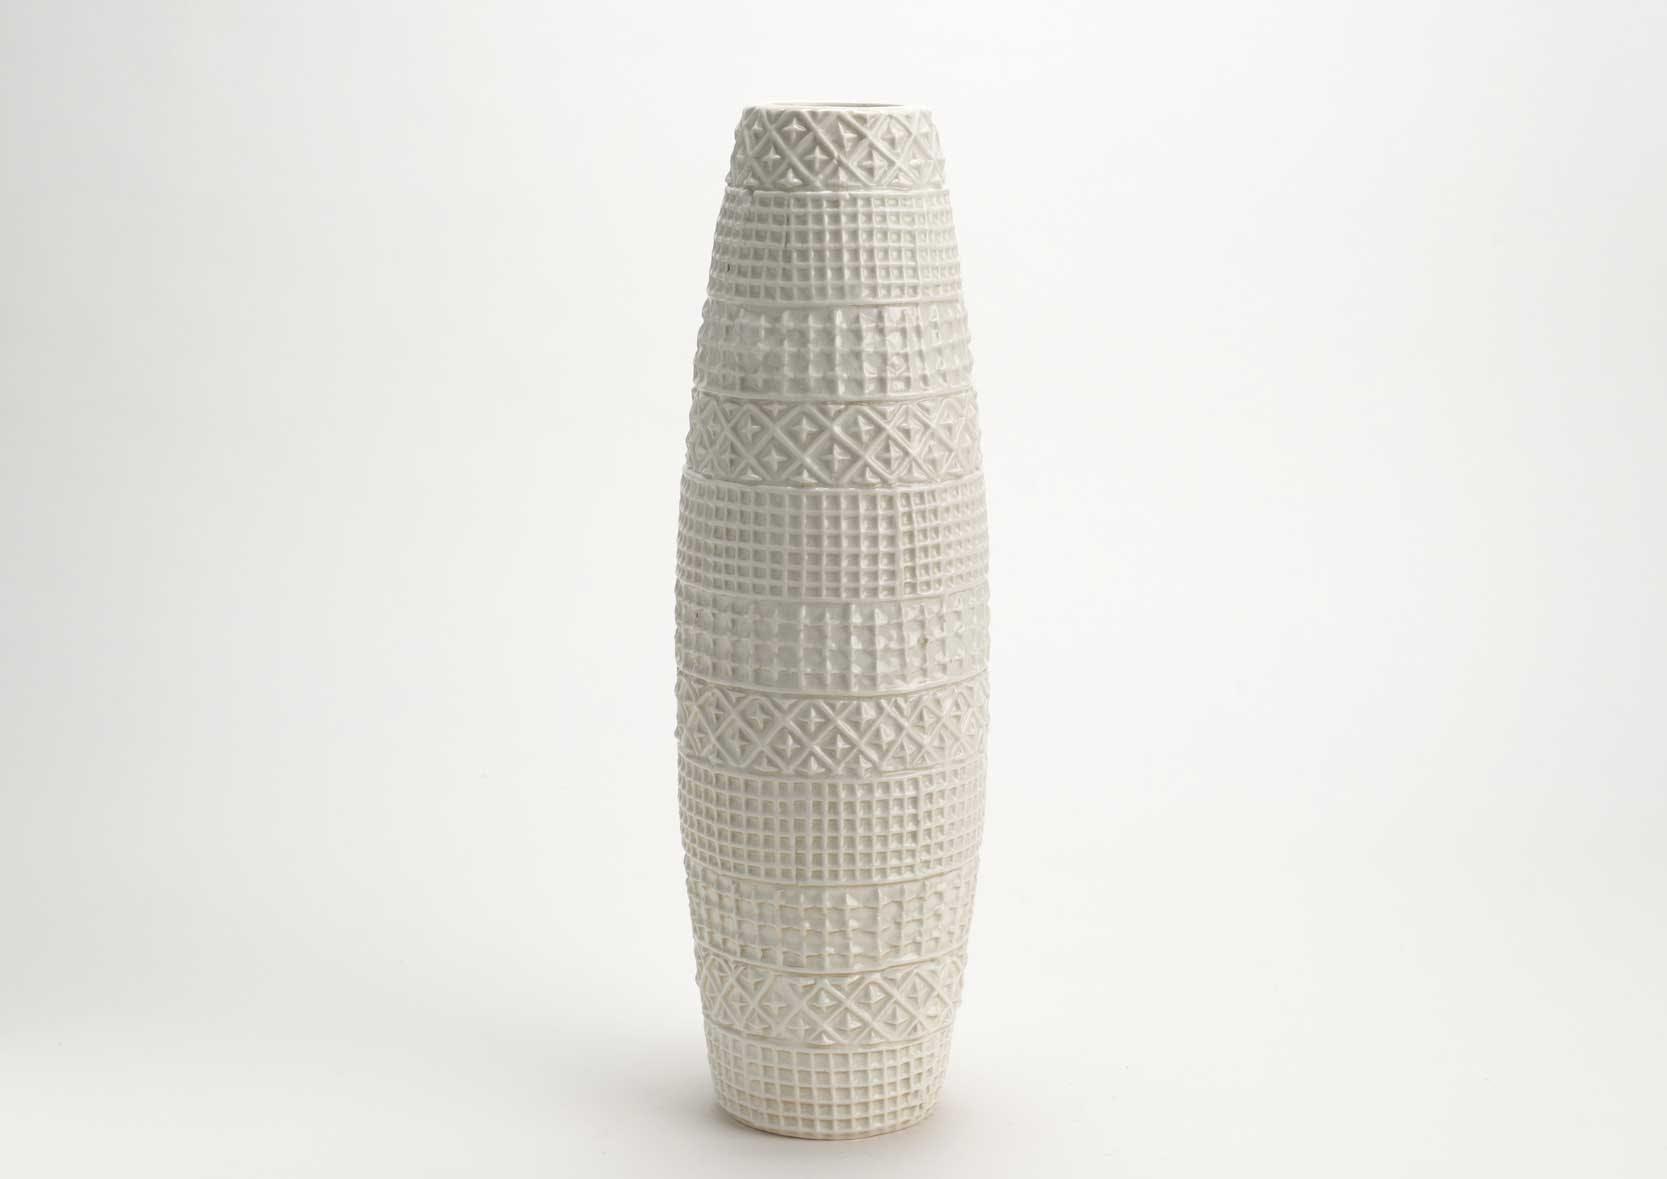 Vase haut forme obus céramique blanche avec motifs en relief D14 H43cm